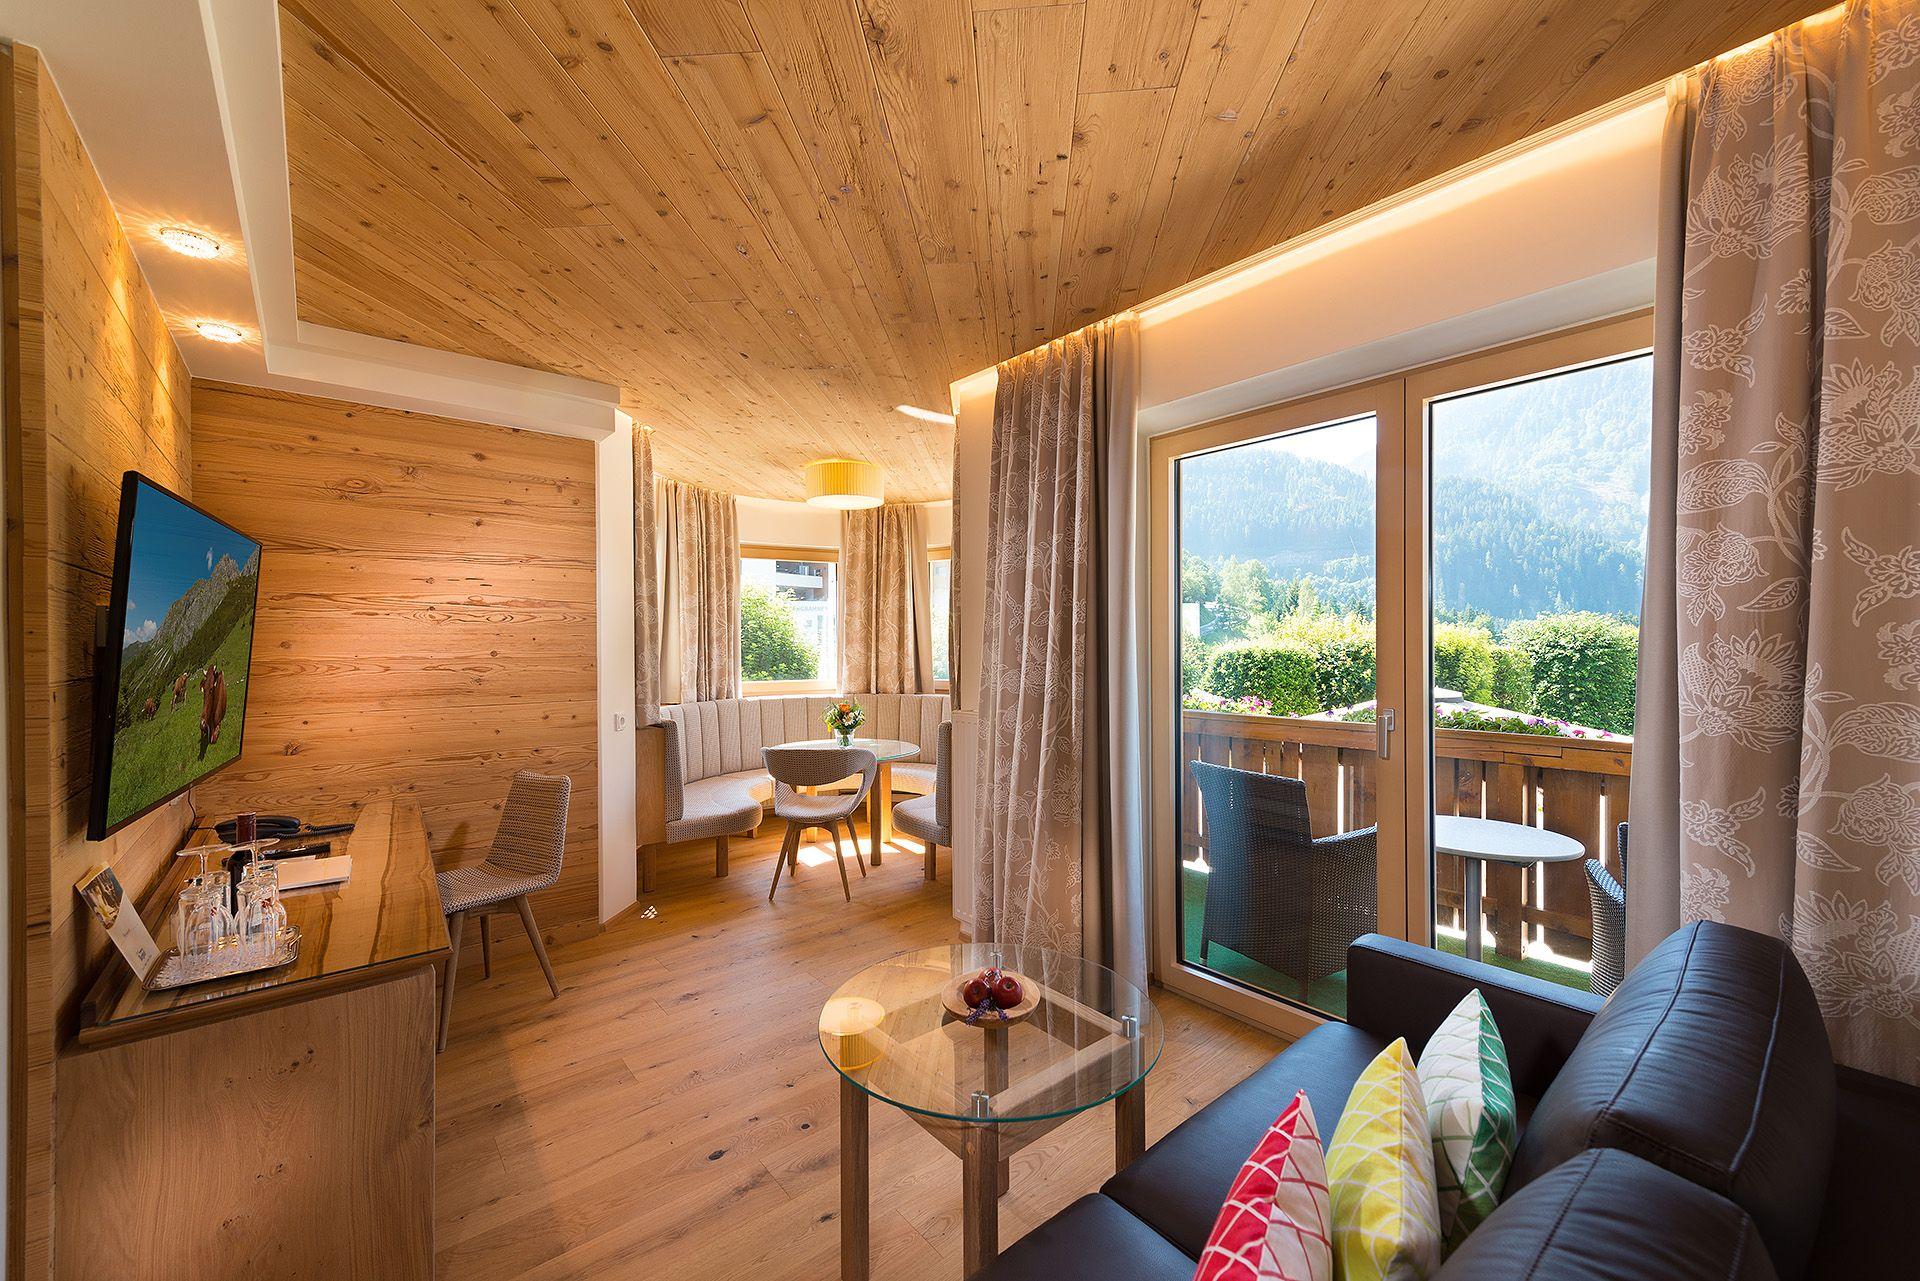 Wohnzimmer Fotos ~ Neue erker familiensuiten wohnzimmer verwöhnhotel berghof